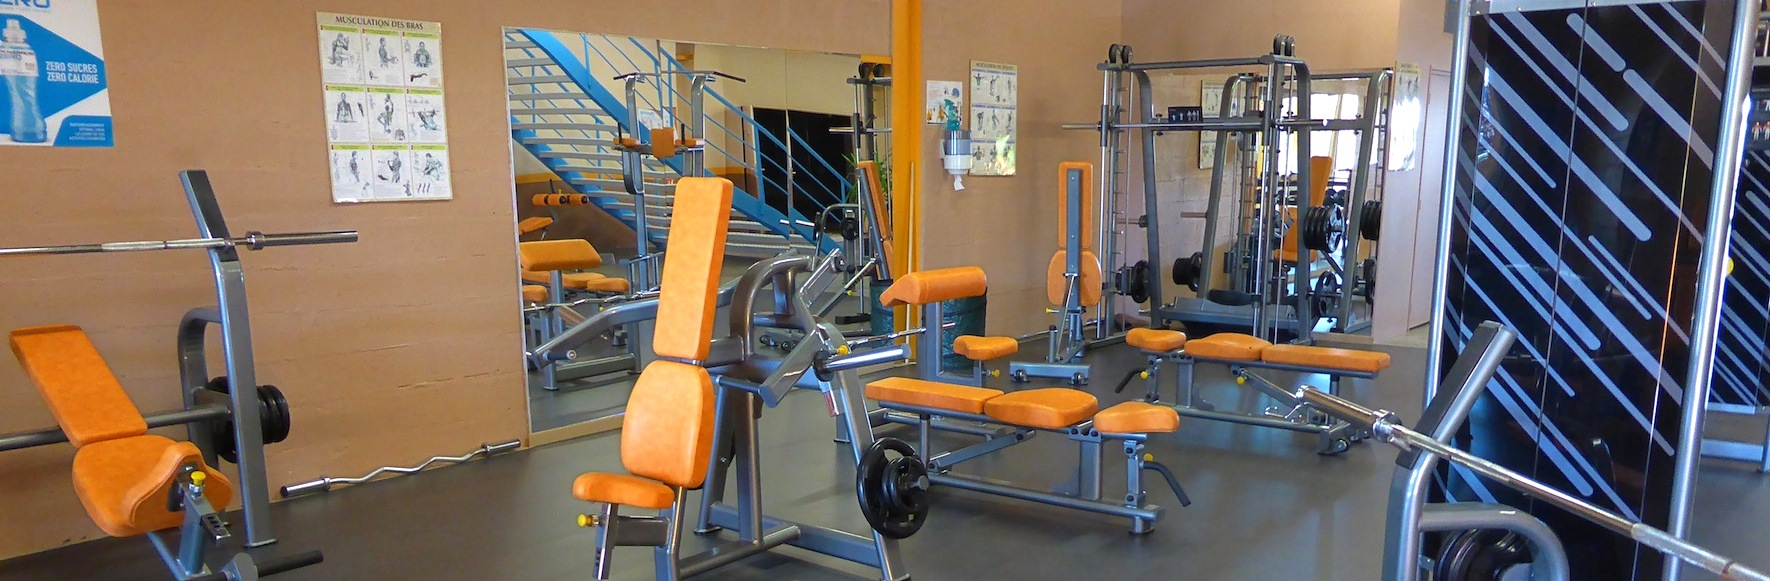 l 39 orange bleue boissy saint l ger l 39 orange bleue le fitness petit prix. Black Bedroom Furniture Sets. Home Design Ideas